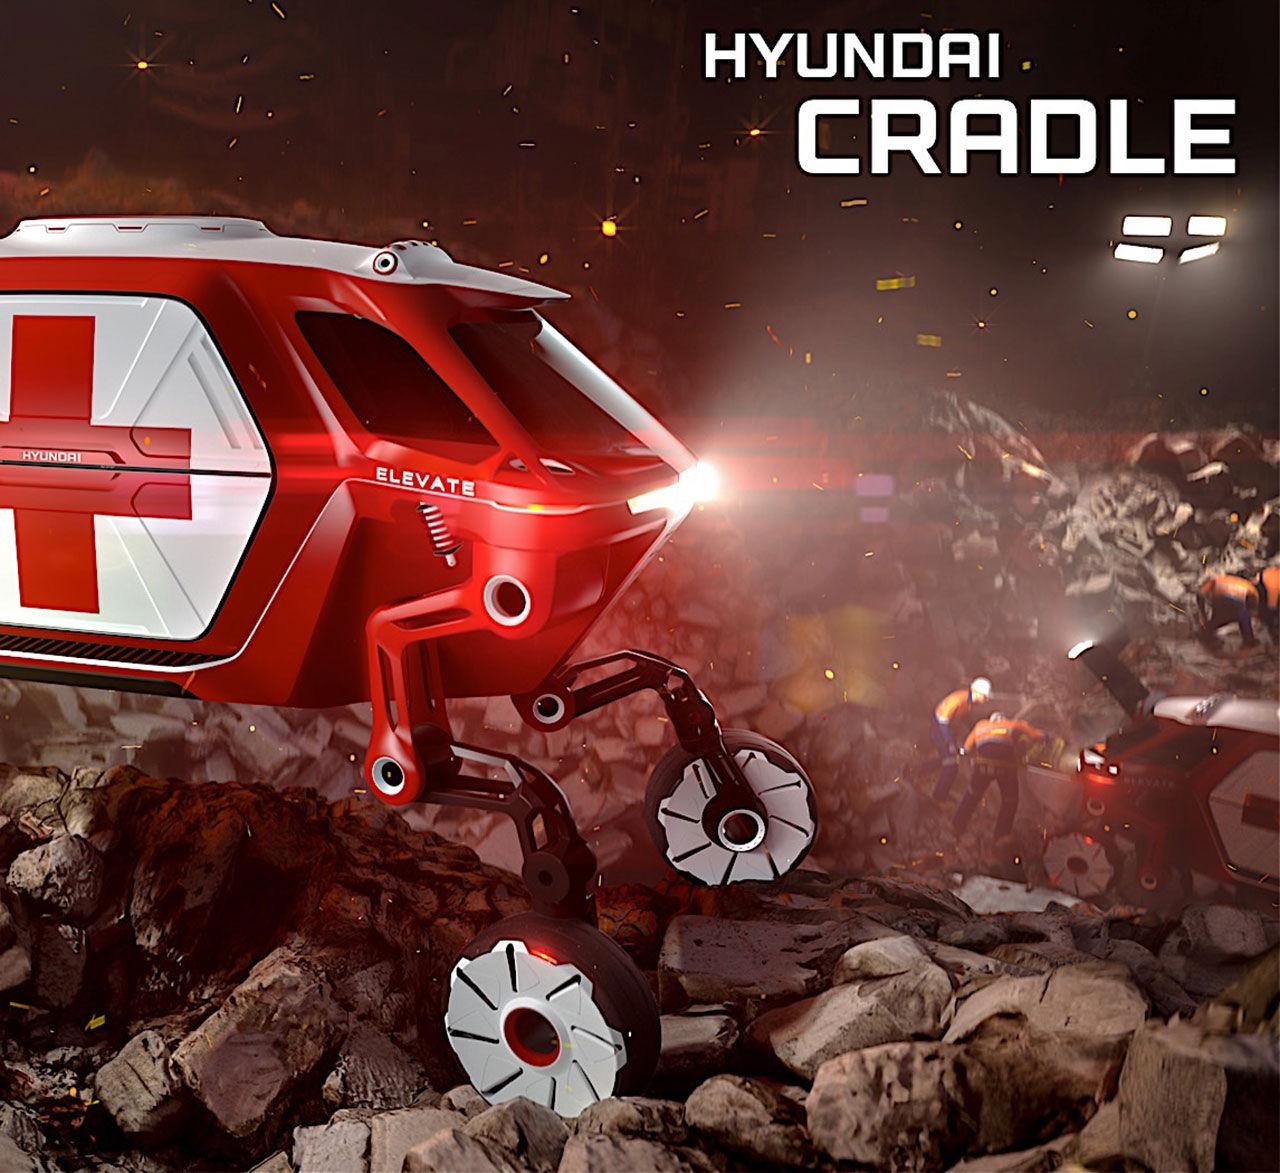 Hyundais senast konceptbil kan gå och klättra